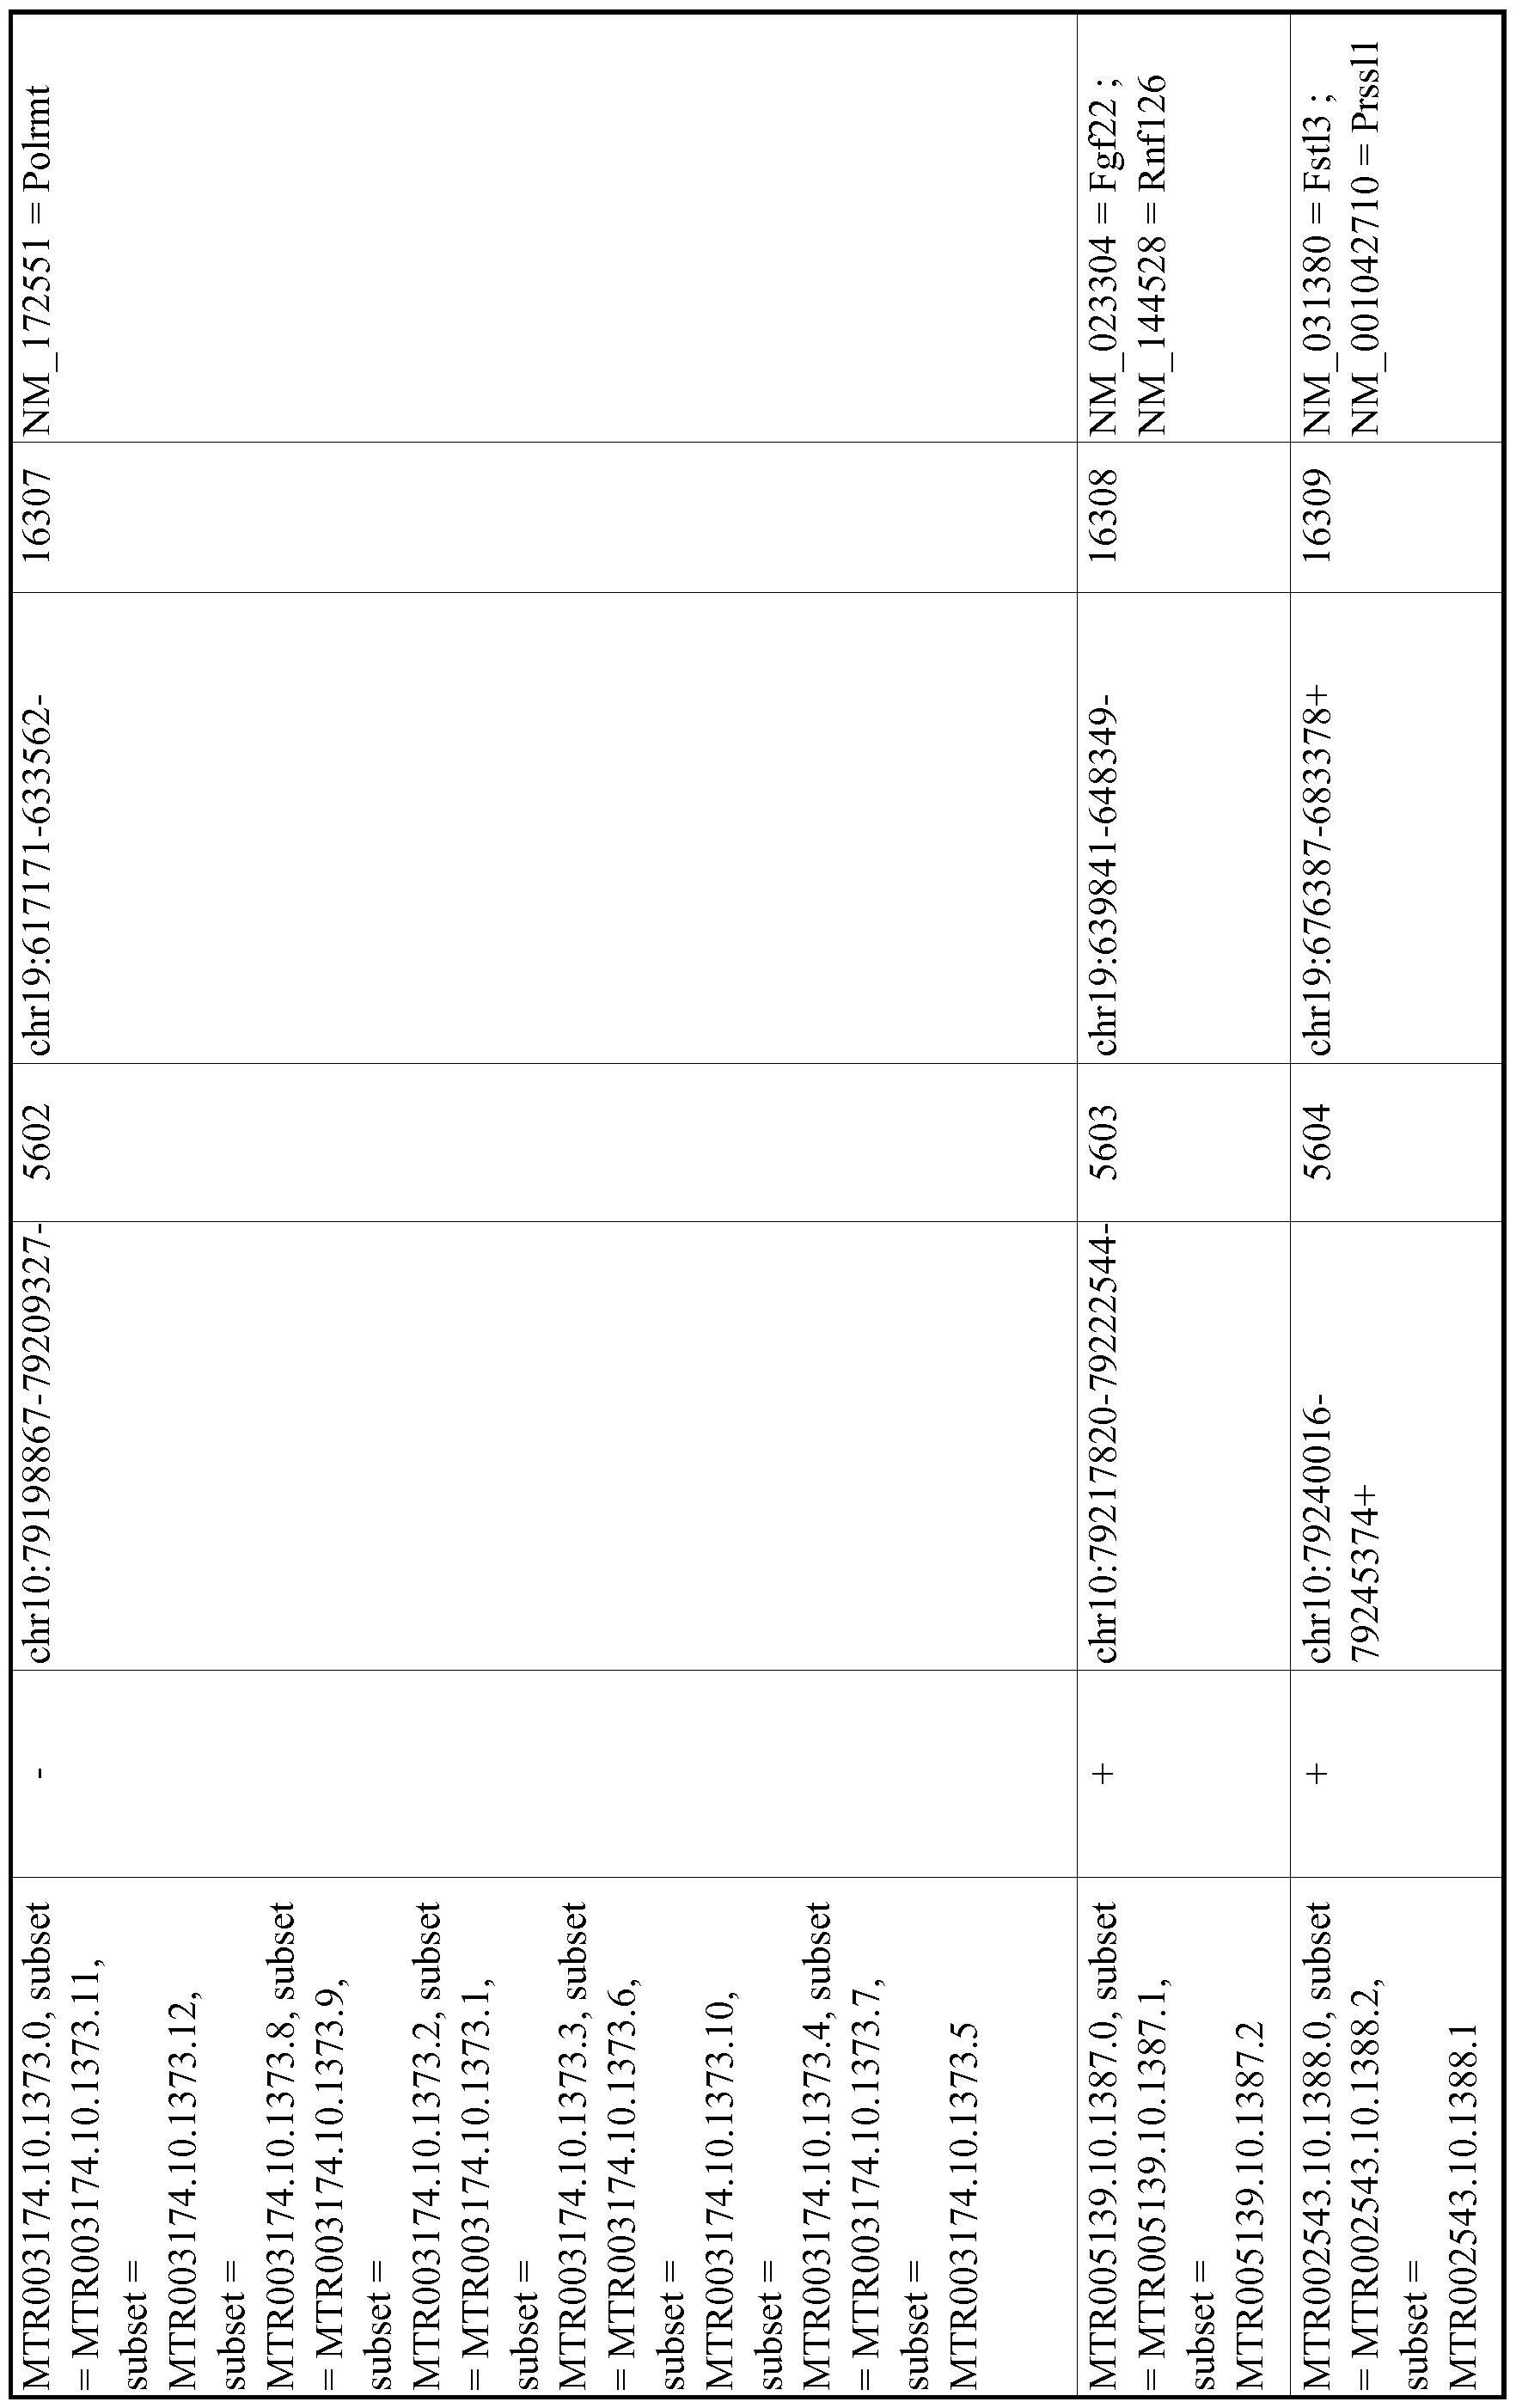 Figure imgf001008_0001